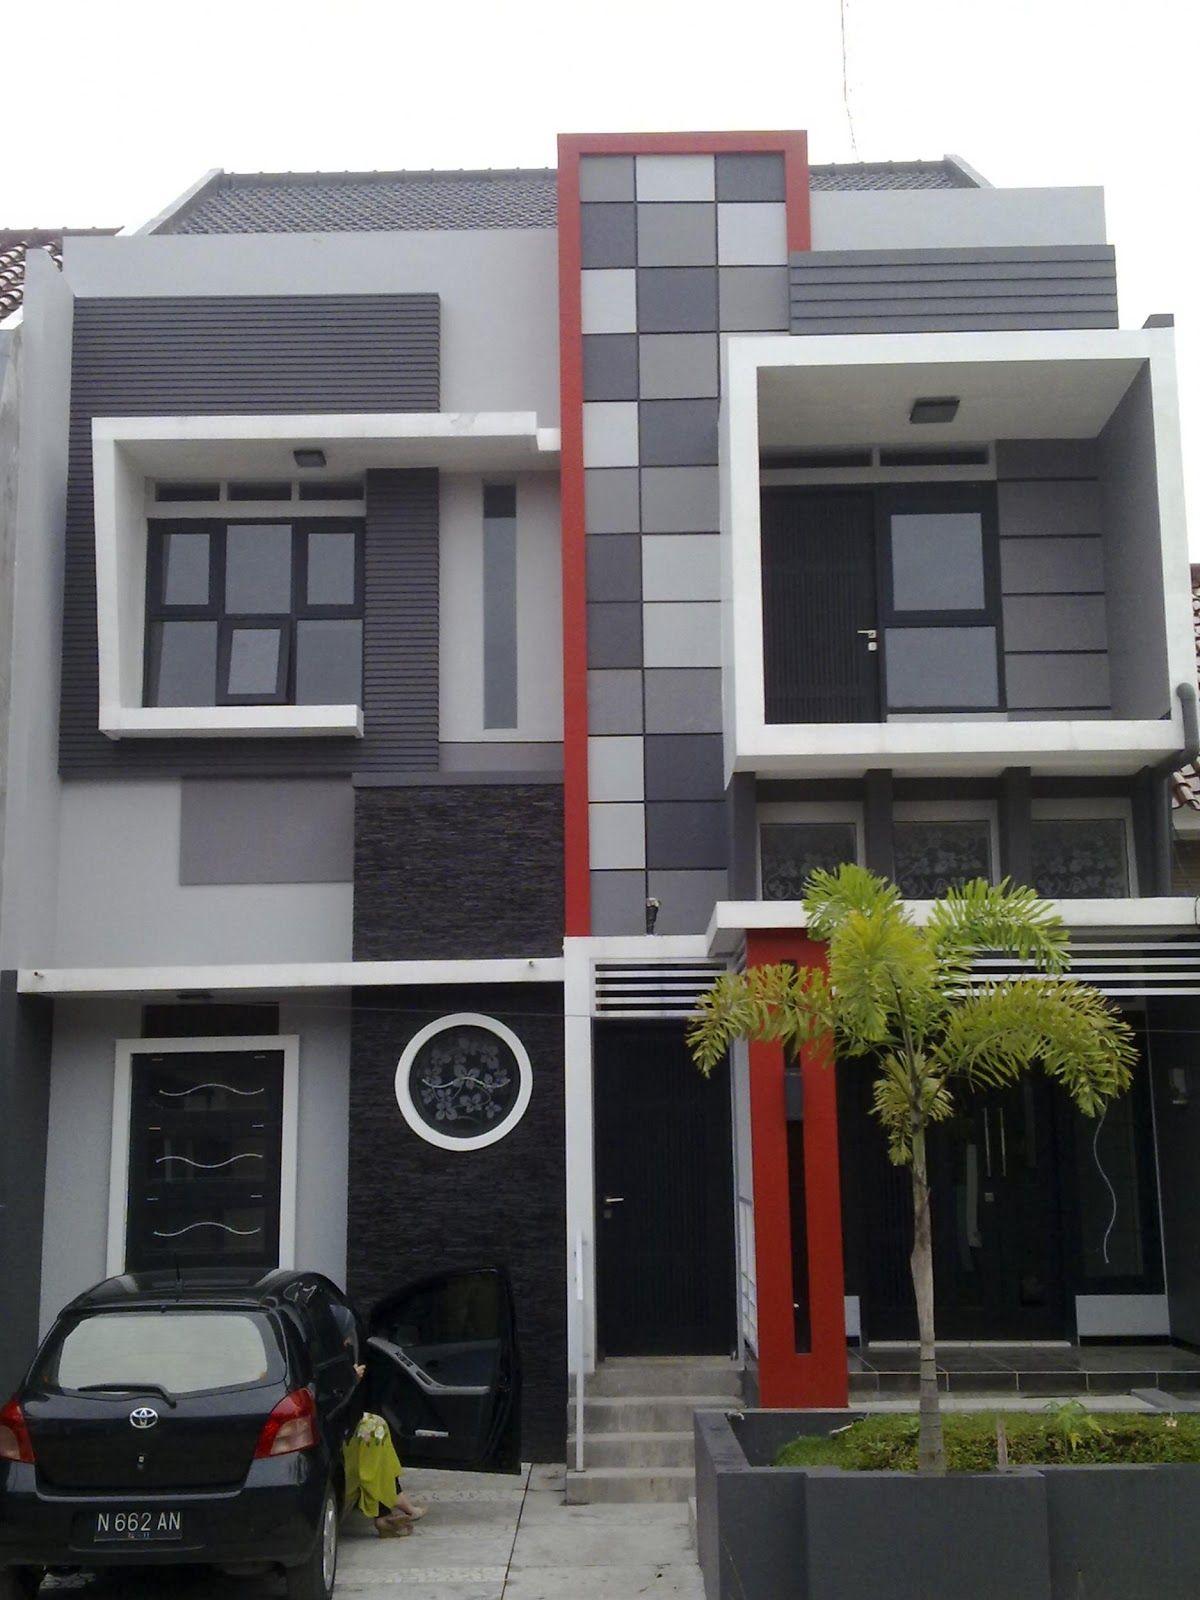 18 Desain Rumah Modern Minimalis 2 Lantai Desain Rumah Modern